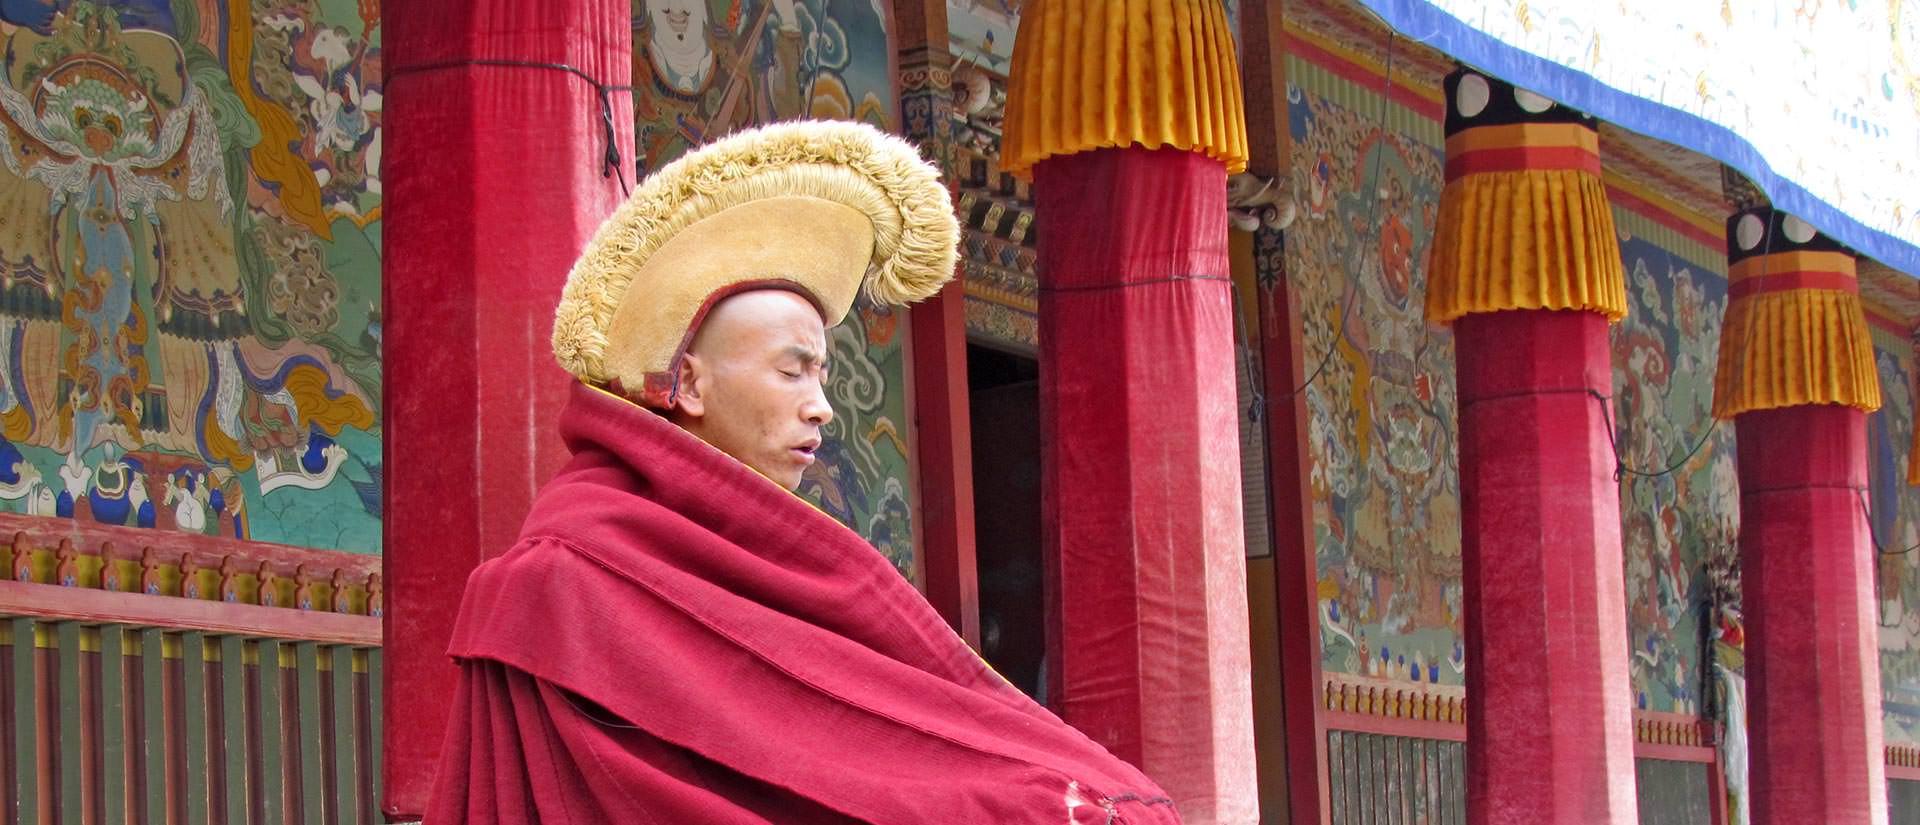 טיול במערב סין - 17 יום - אקזוטיקה והיסטוריה בדרך המשי